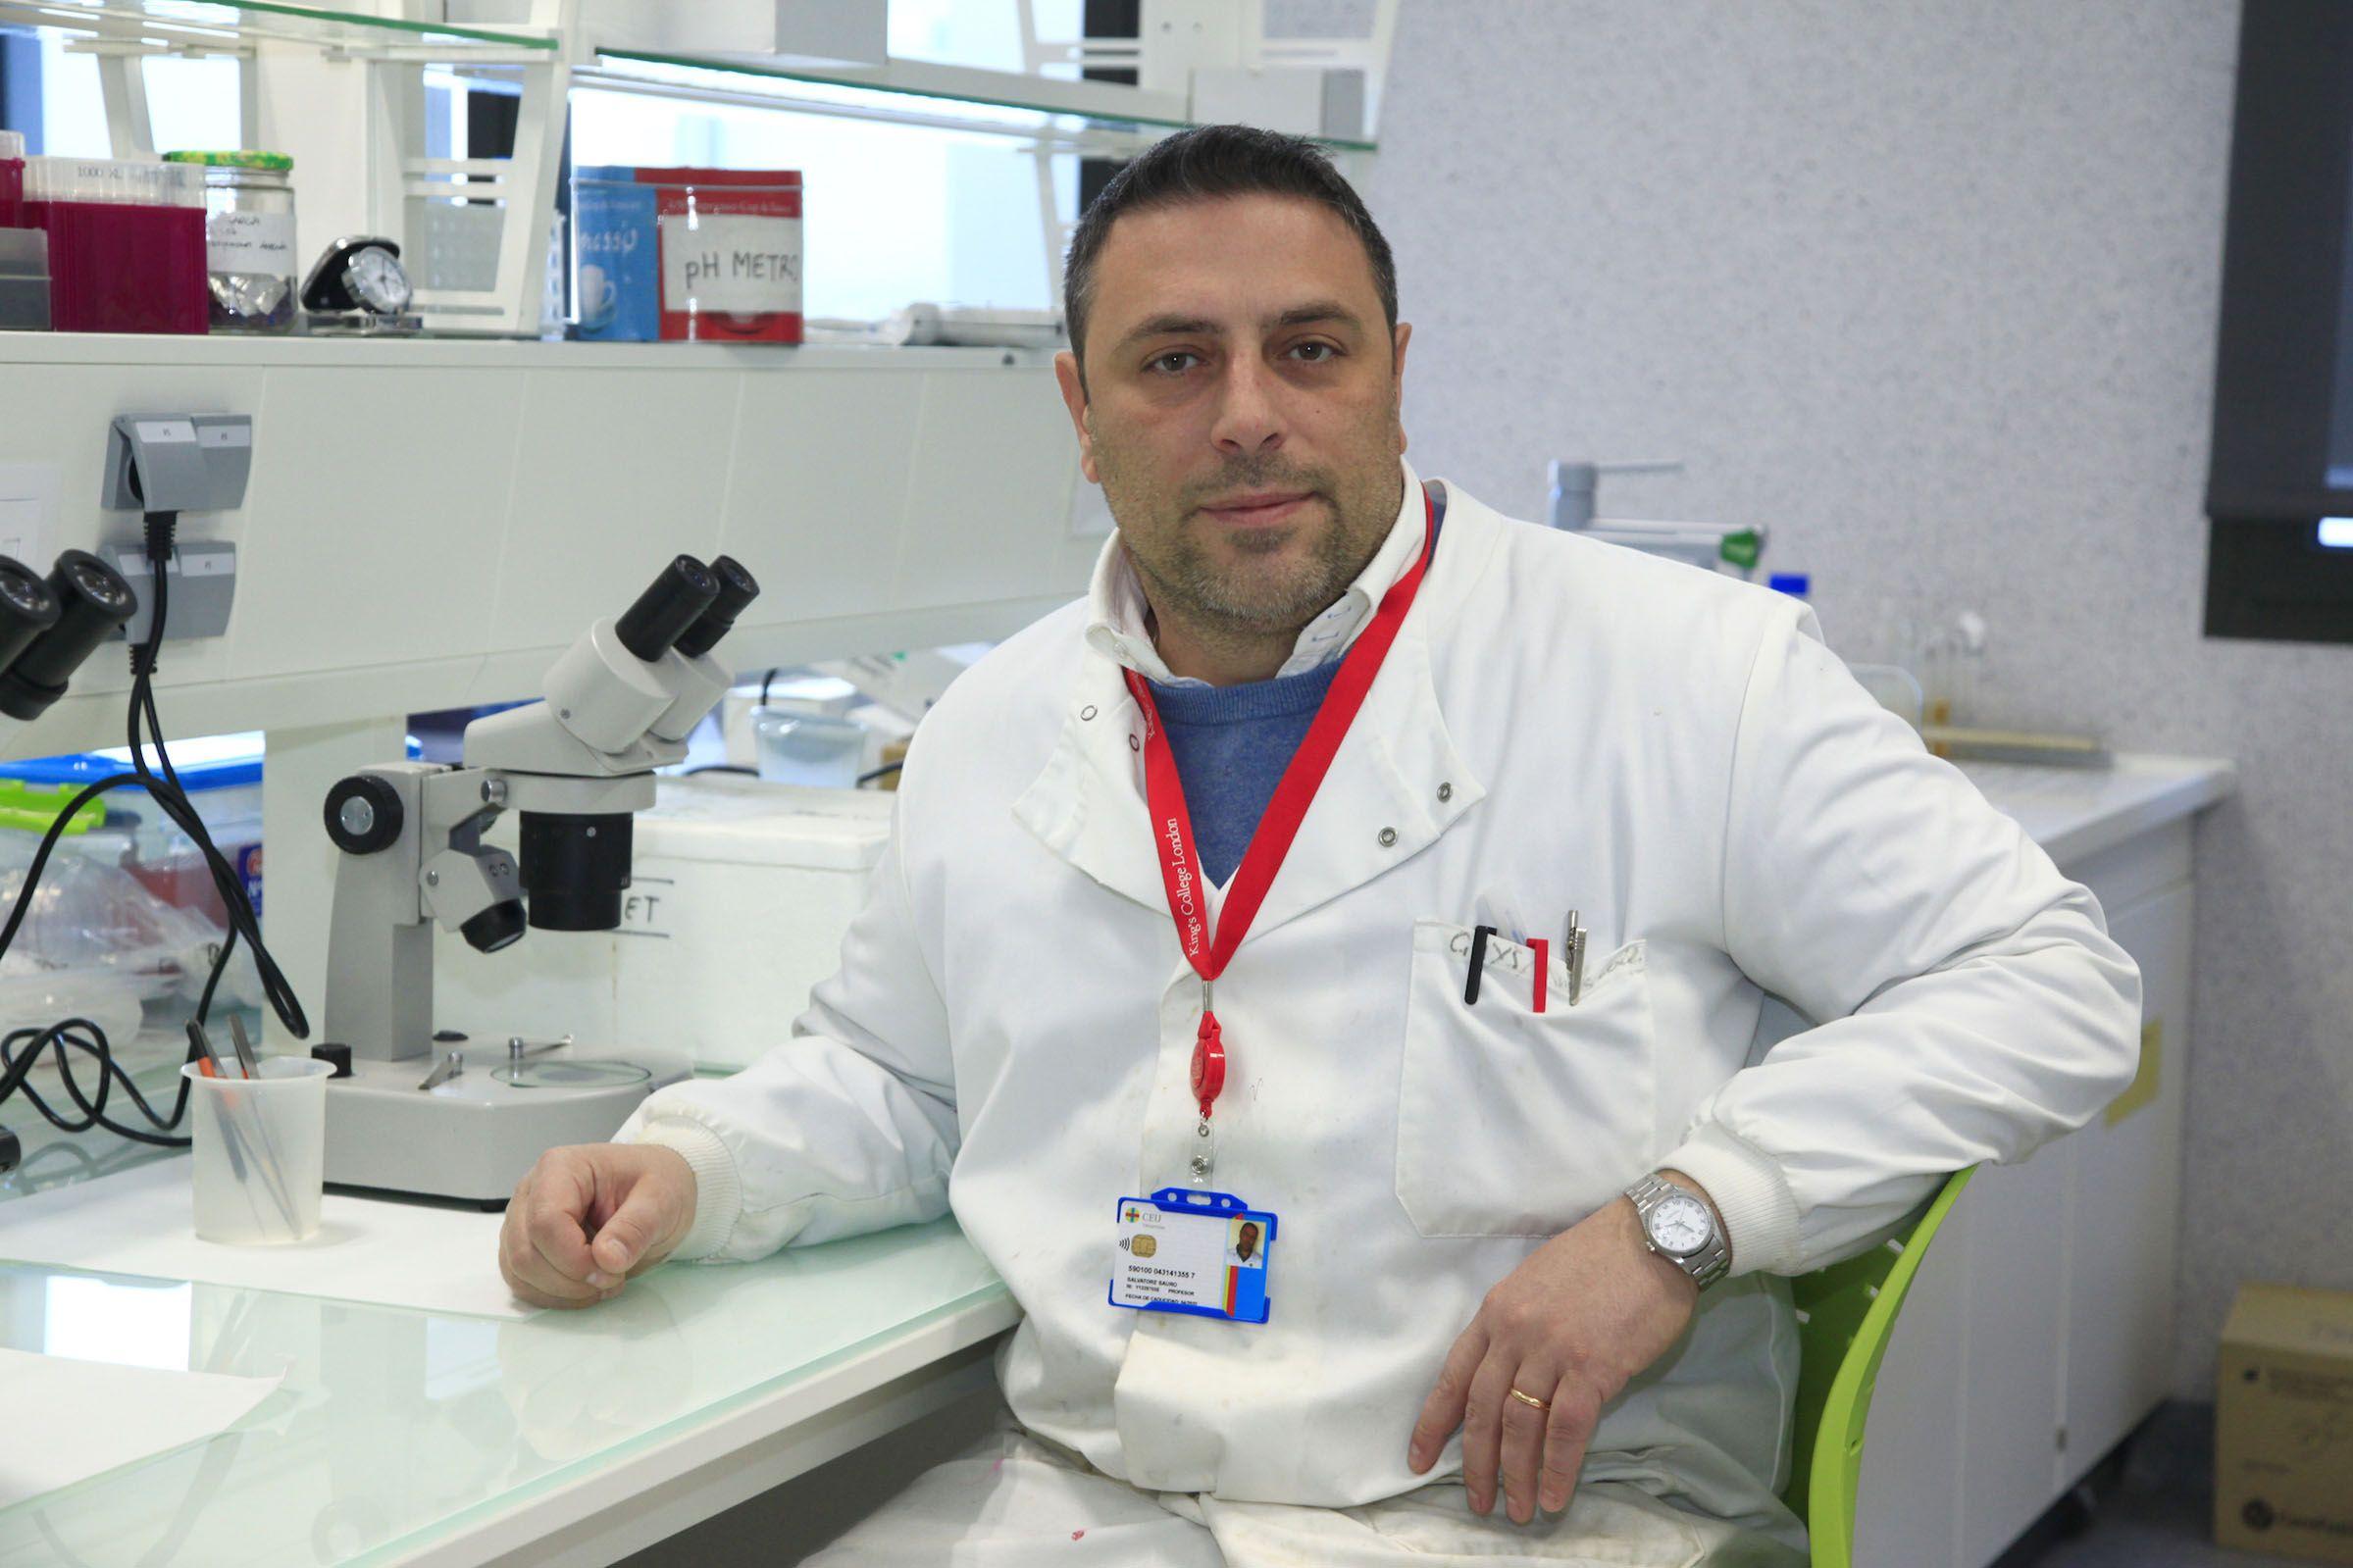 El profesor de Odontología de la CEU UCH, Salvatore Sauro, ha liderado al equipo de investigadores de Reino Unido, Canadá y Brasil, autores del estudio publicado en Dental Materials.